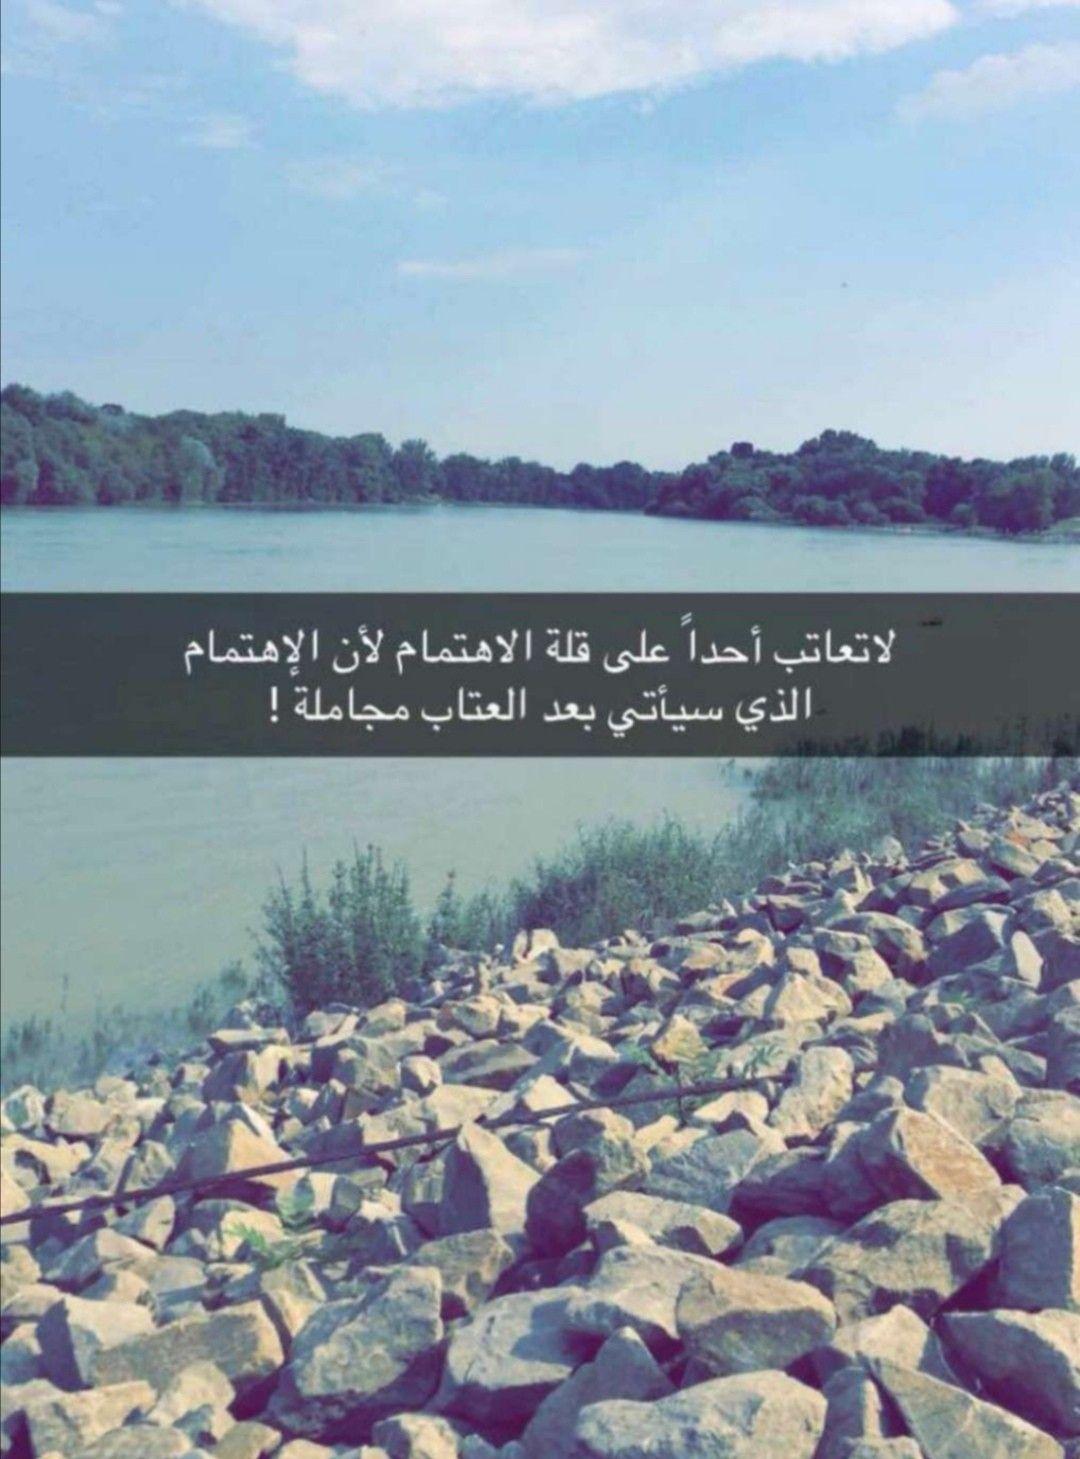 لا تعاتب احد على قلة الاهتمام لان الأهتمام الذي سيأتي بعد العتب مجاملة Postive Quotes Arabic Quotes Quotes